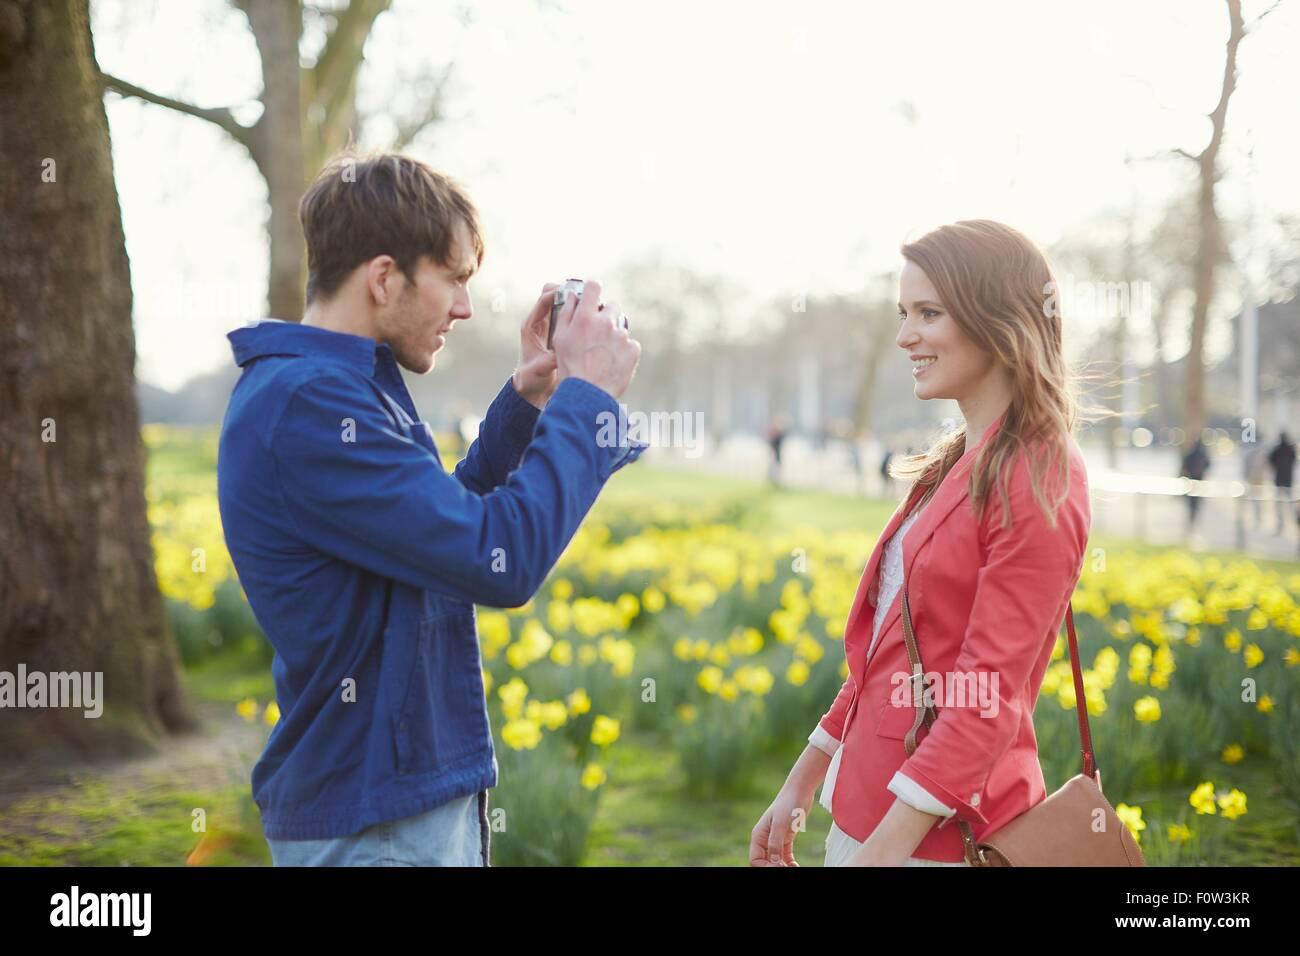 Mitte erwachsener Mann Fotografieren Freundin im Park, London, UK Stockbild